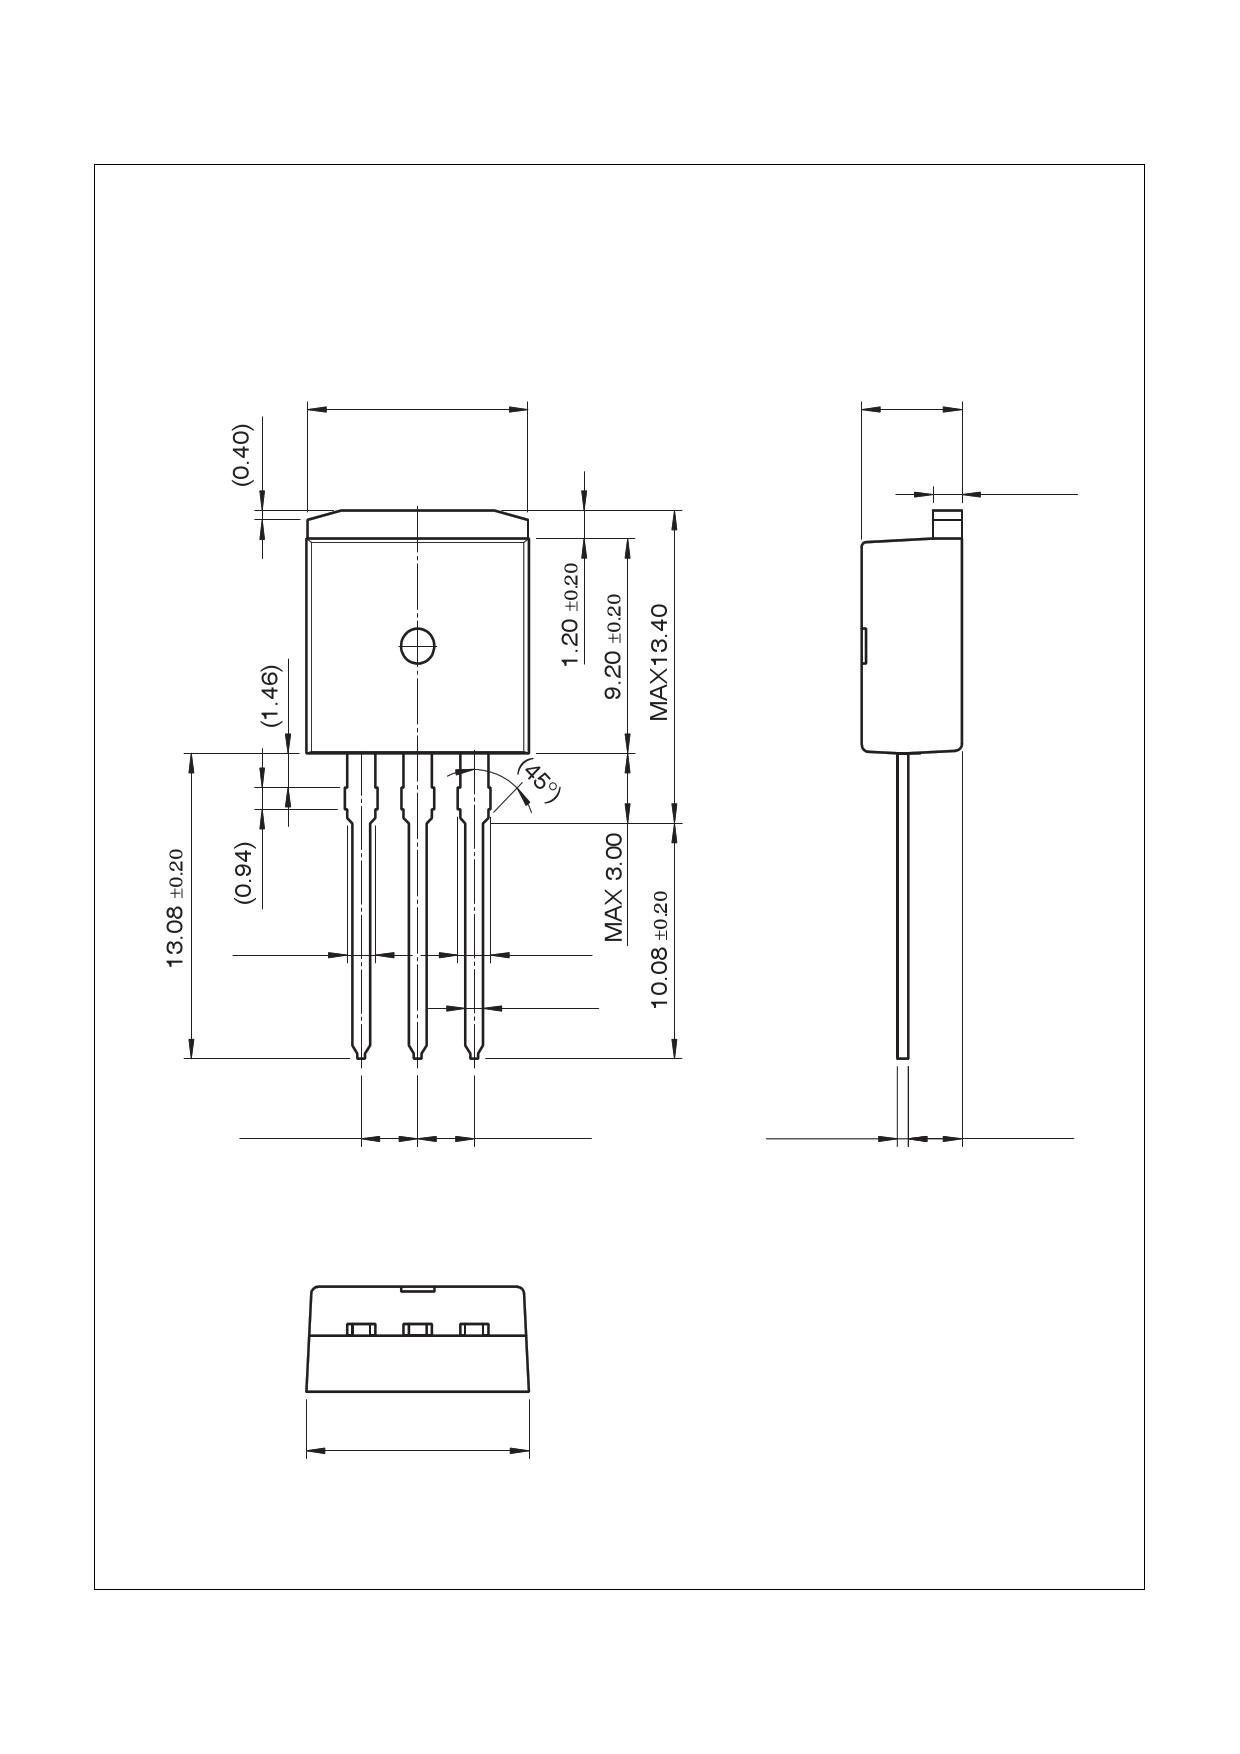 FGI40N60SF 전자부품, 판매, 대치품